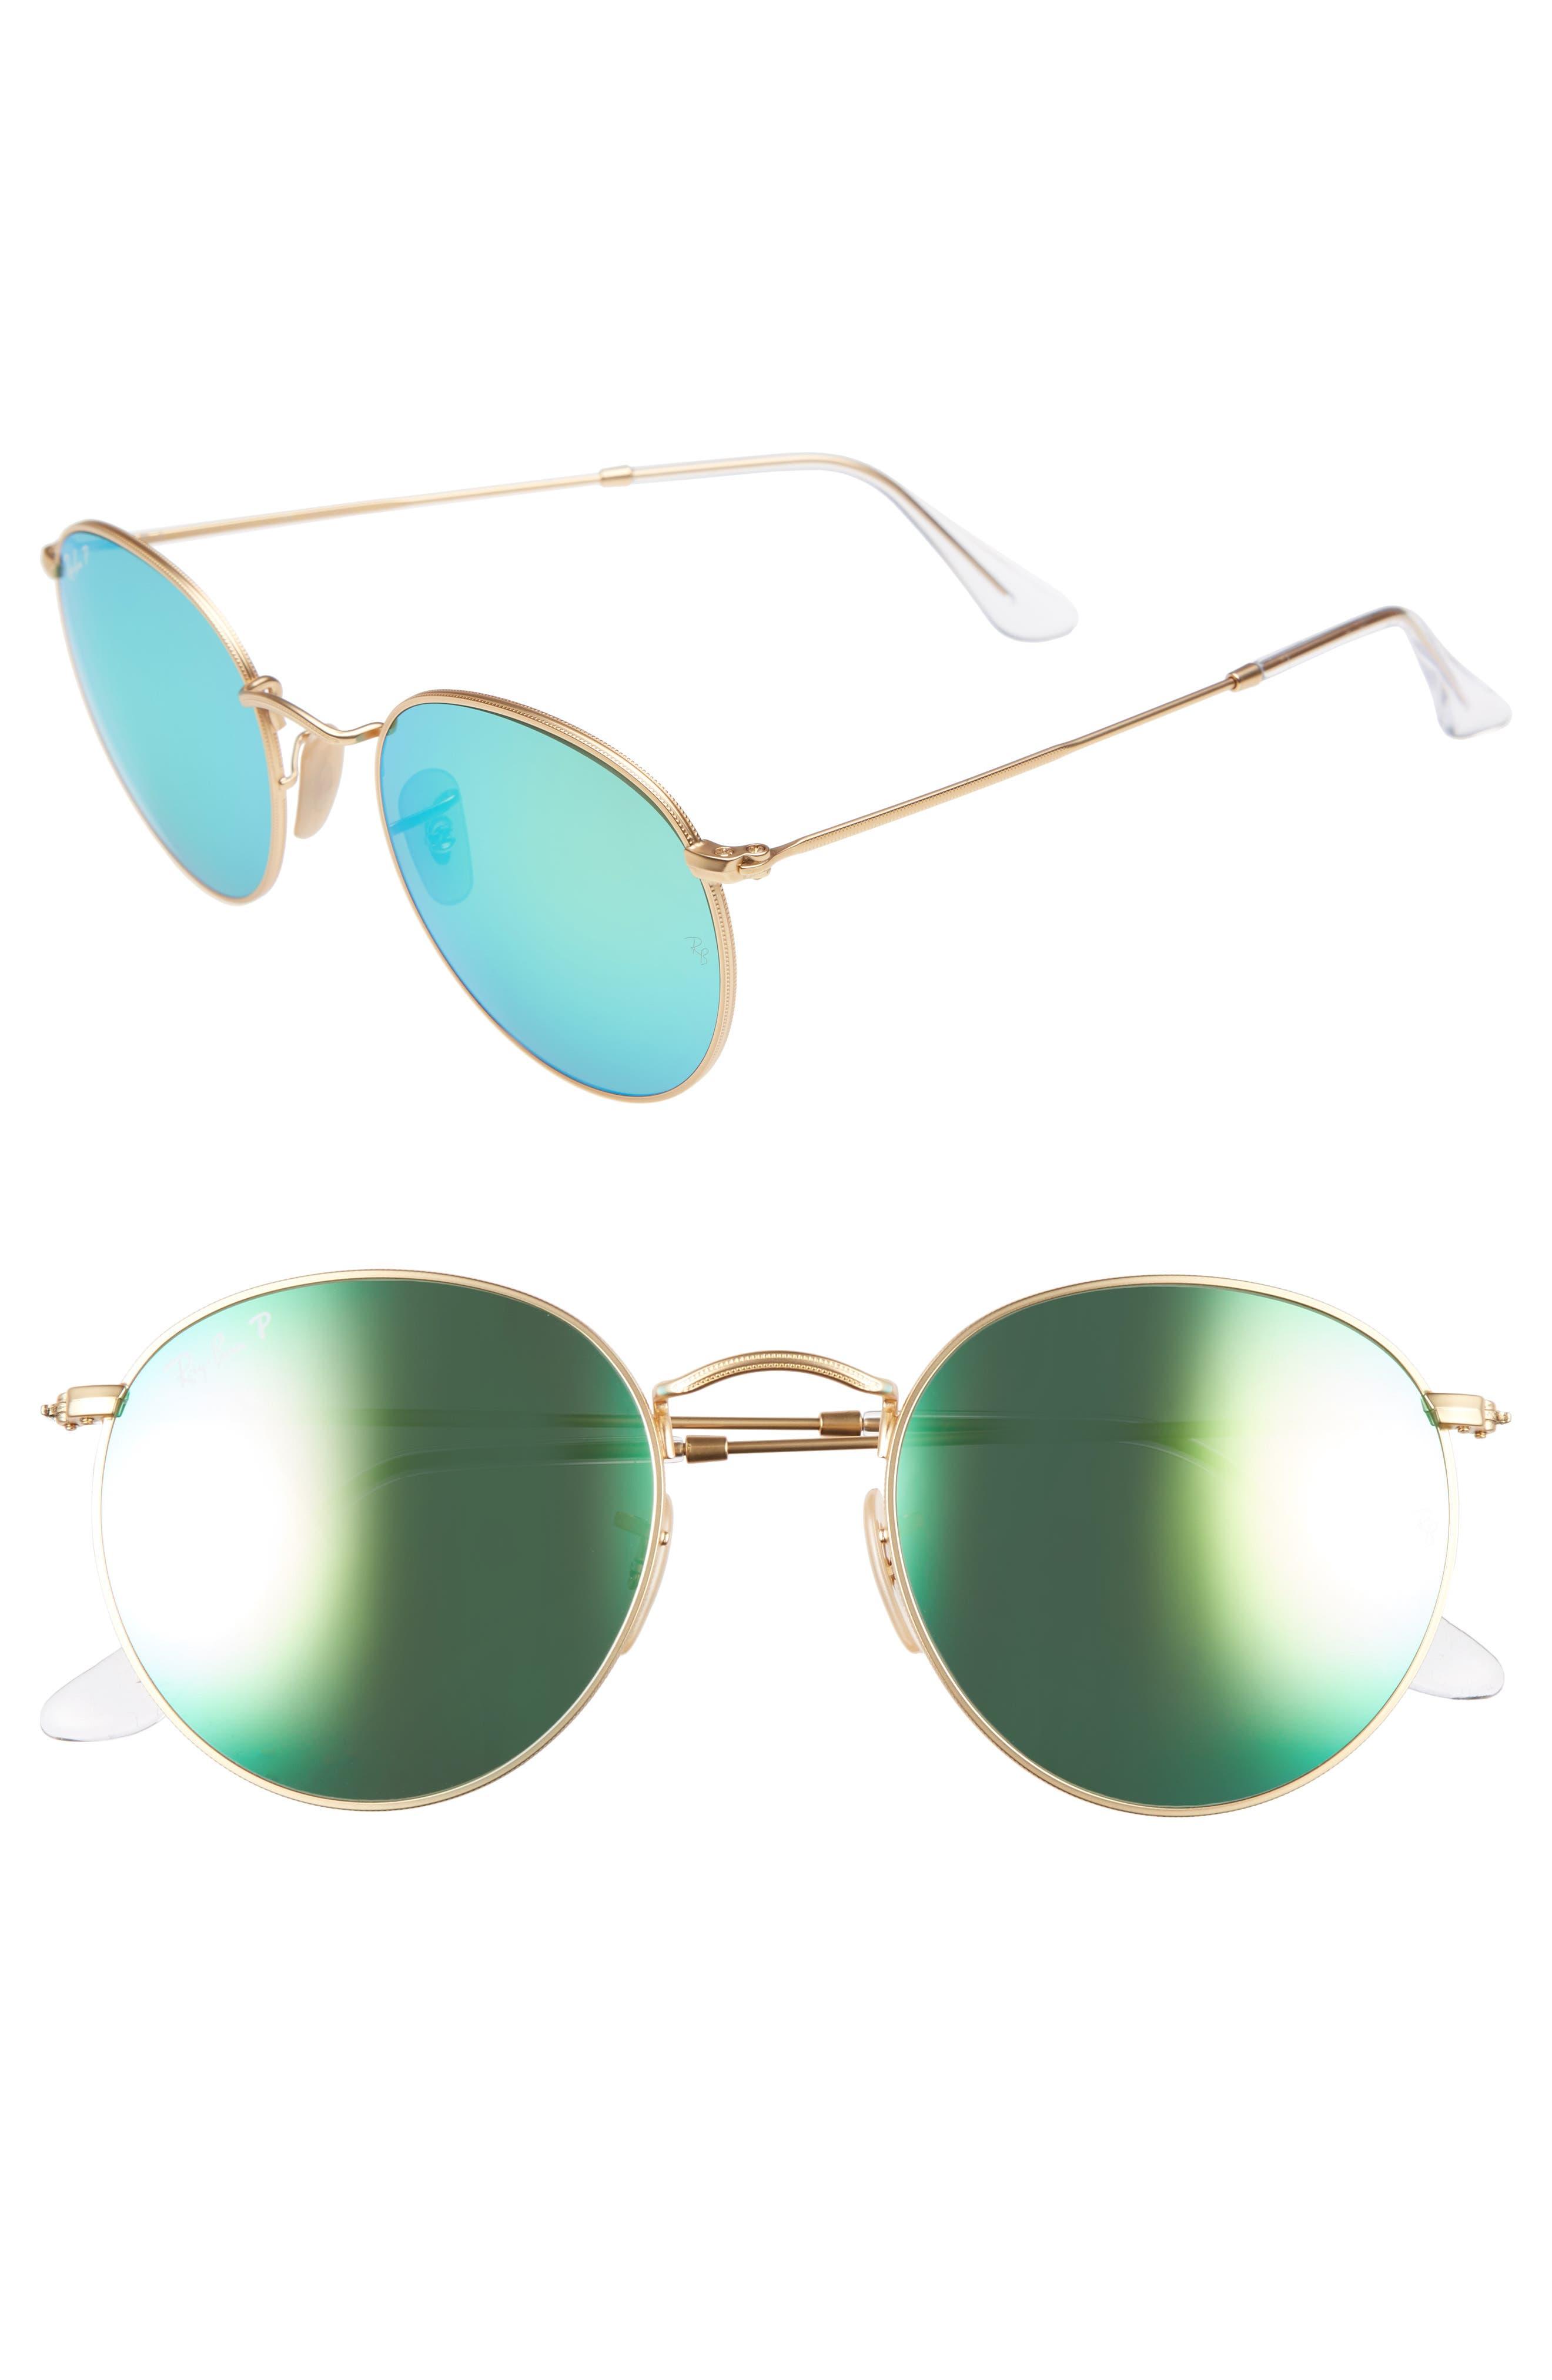 53mm Polarized Round Retro Sunglasses,                         Main,                         color, 300